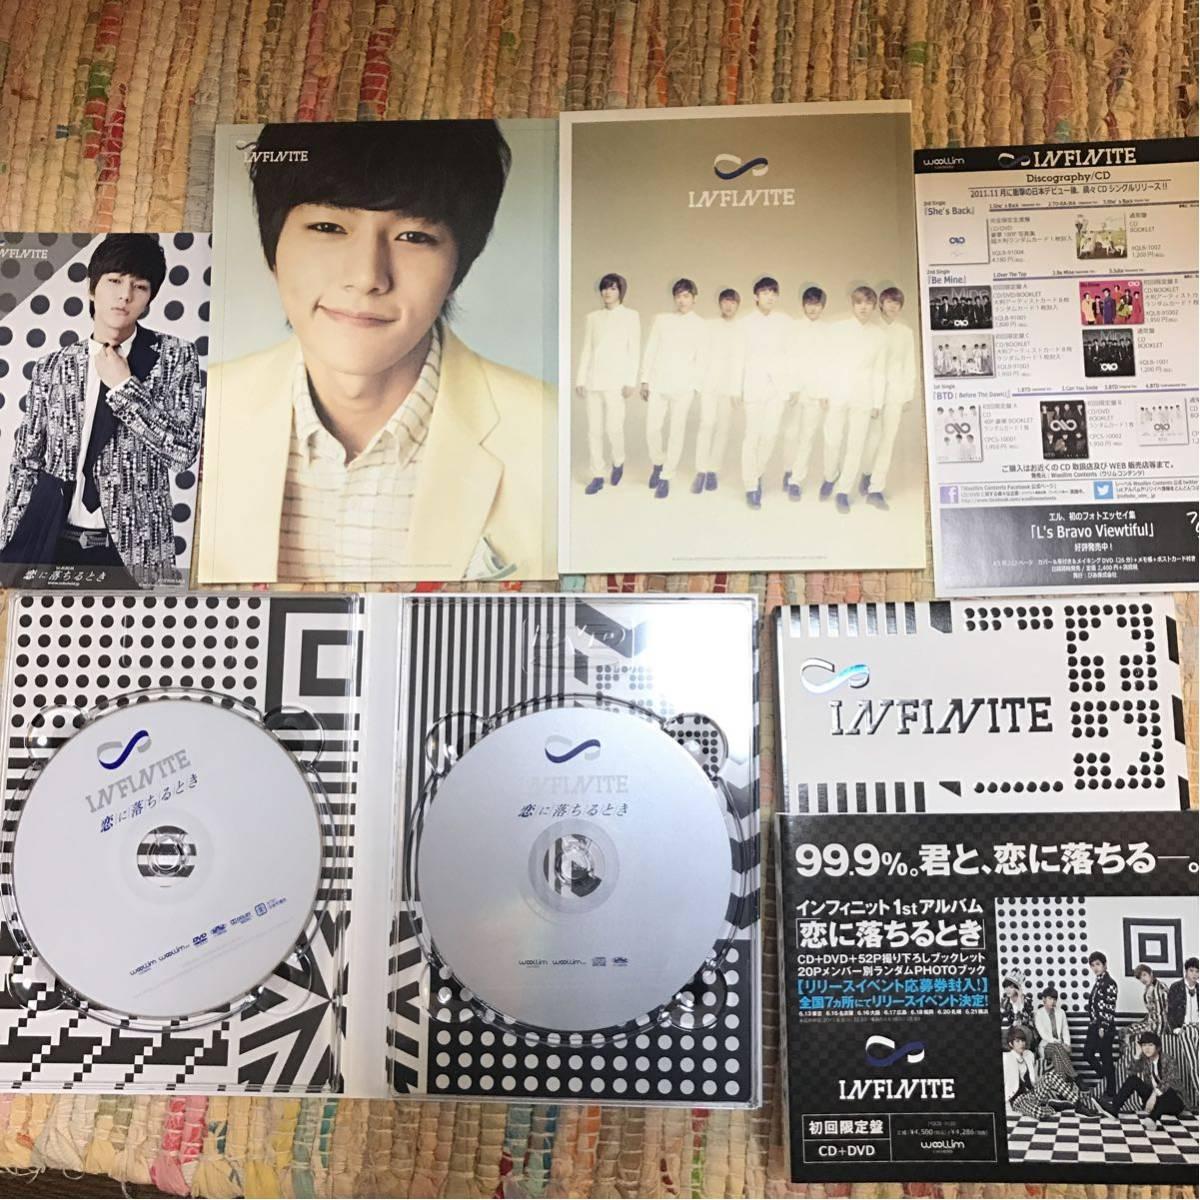 INFINITE ファーストアルバム 恋に落ちるとき 初回限定 CD DVD フォトブック メンバーランダム L ミョンス